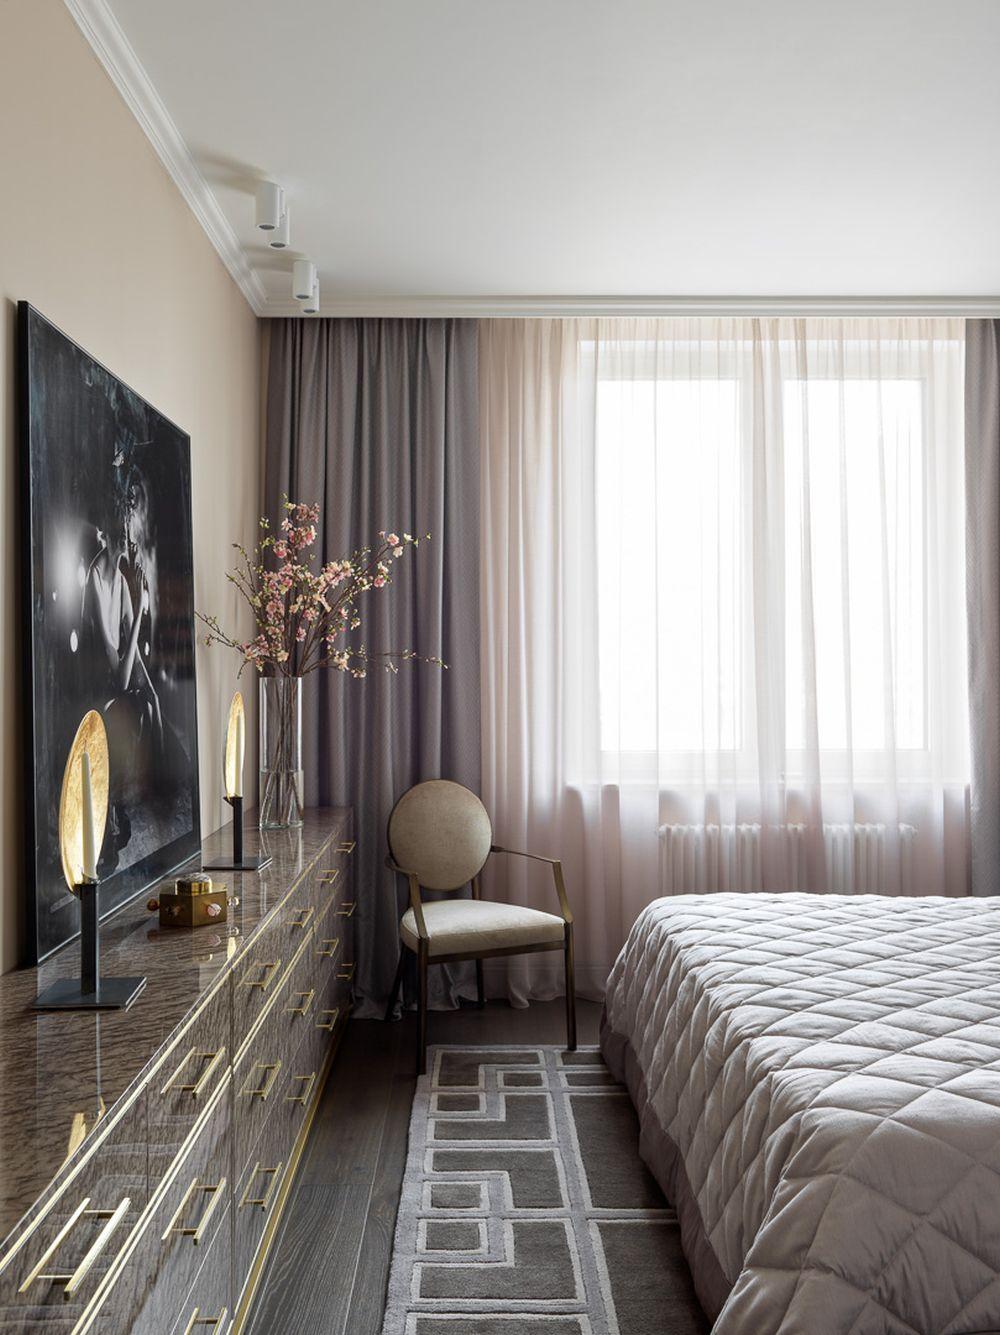 adelaparvu.com despre apartament elegant 90 mp, Moscova, designer Zhenya Zhdanova, Foto Maria Irinarkhova si Stephan Julliard (2)